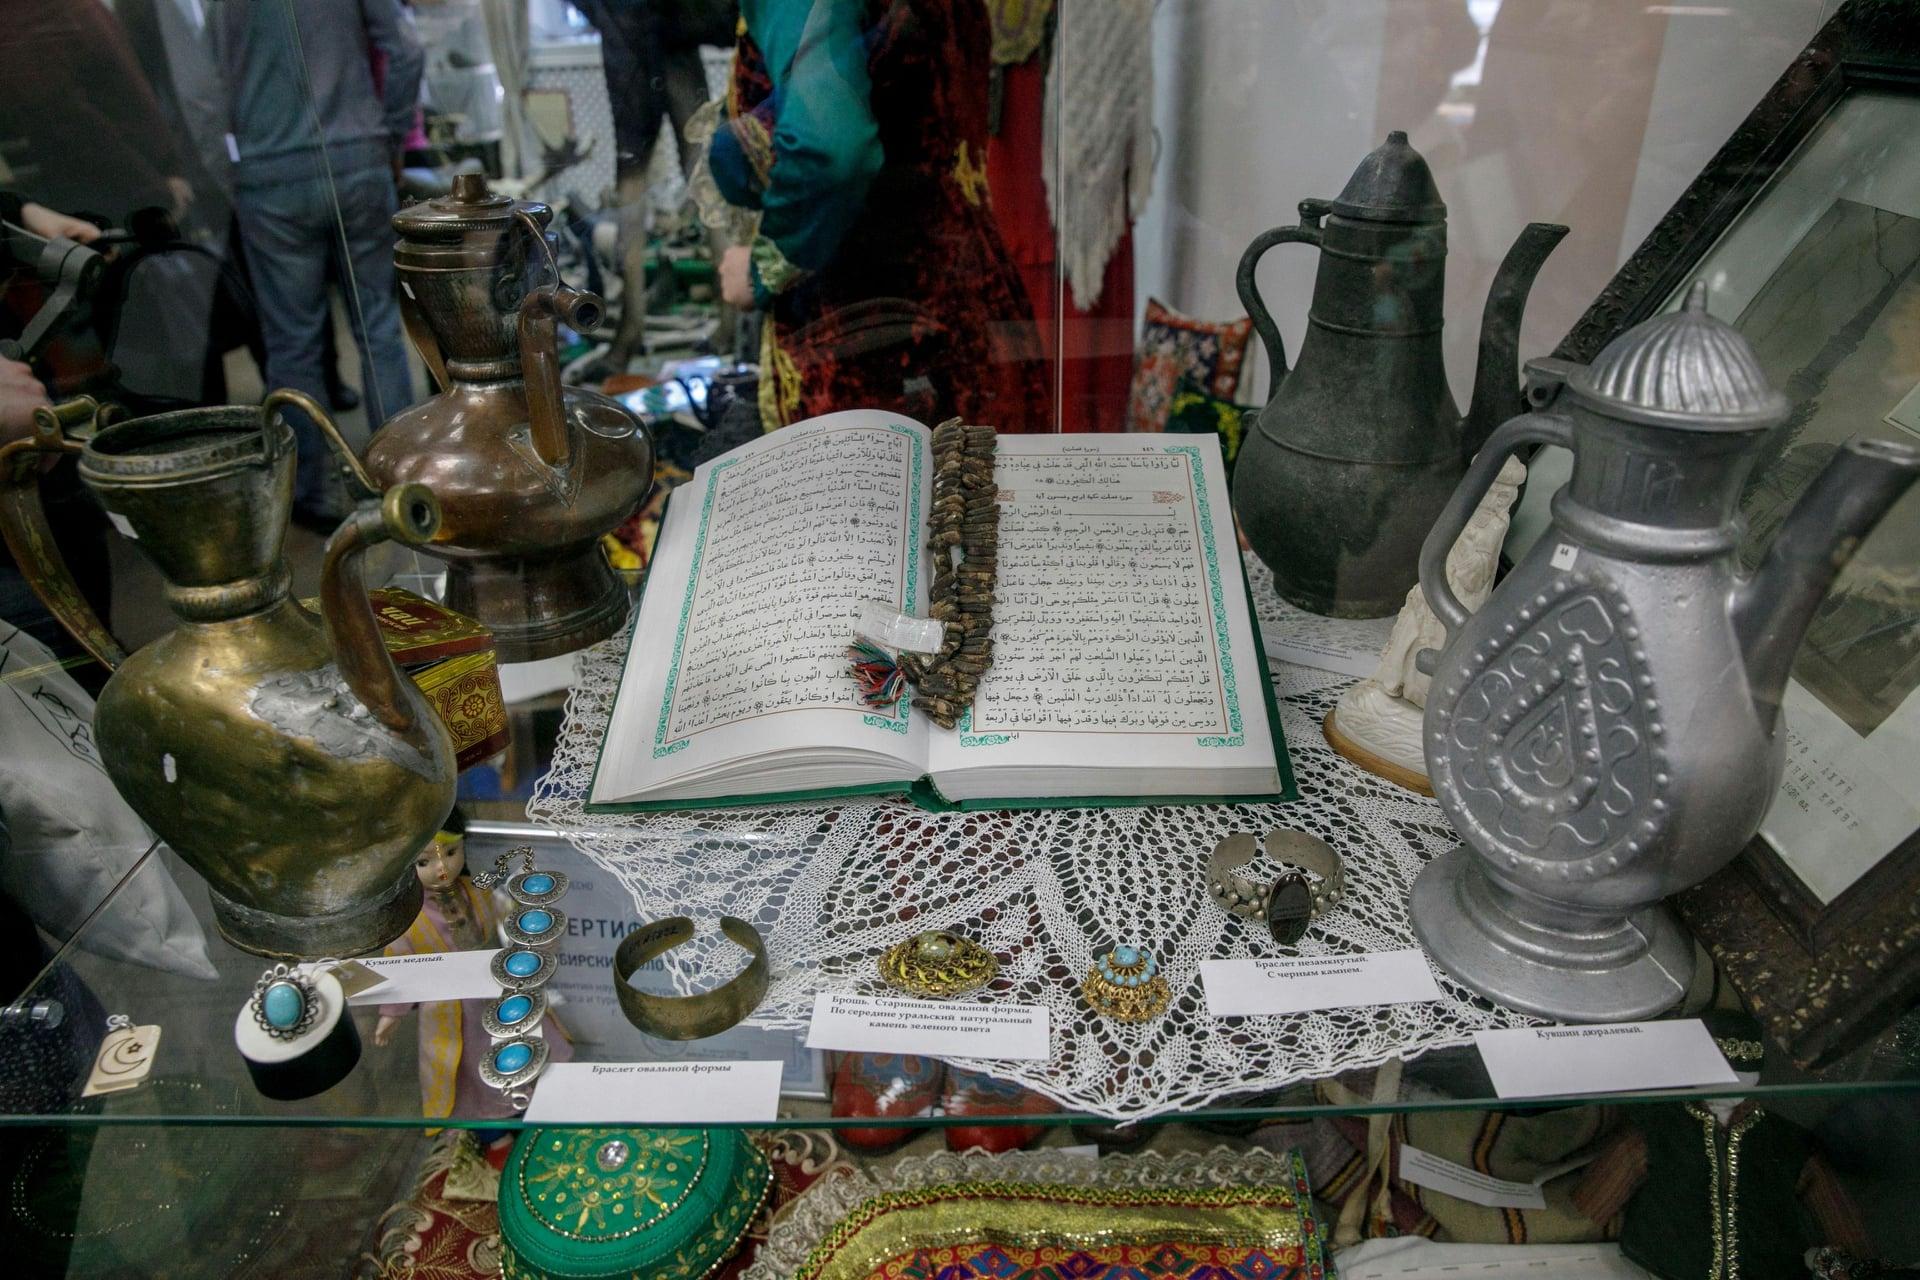 музей, ембаевский, татарский, коран, для воды, экспозиция, выставка, культура и быт сибирских татар, легенды сибири, купить сувенир, купить подарок